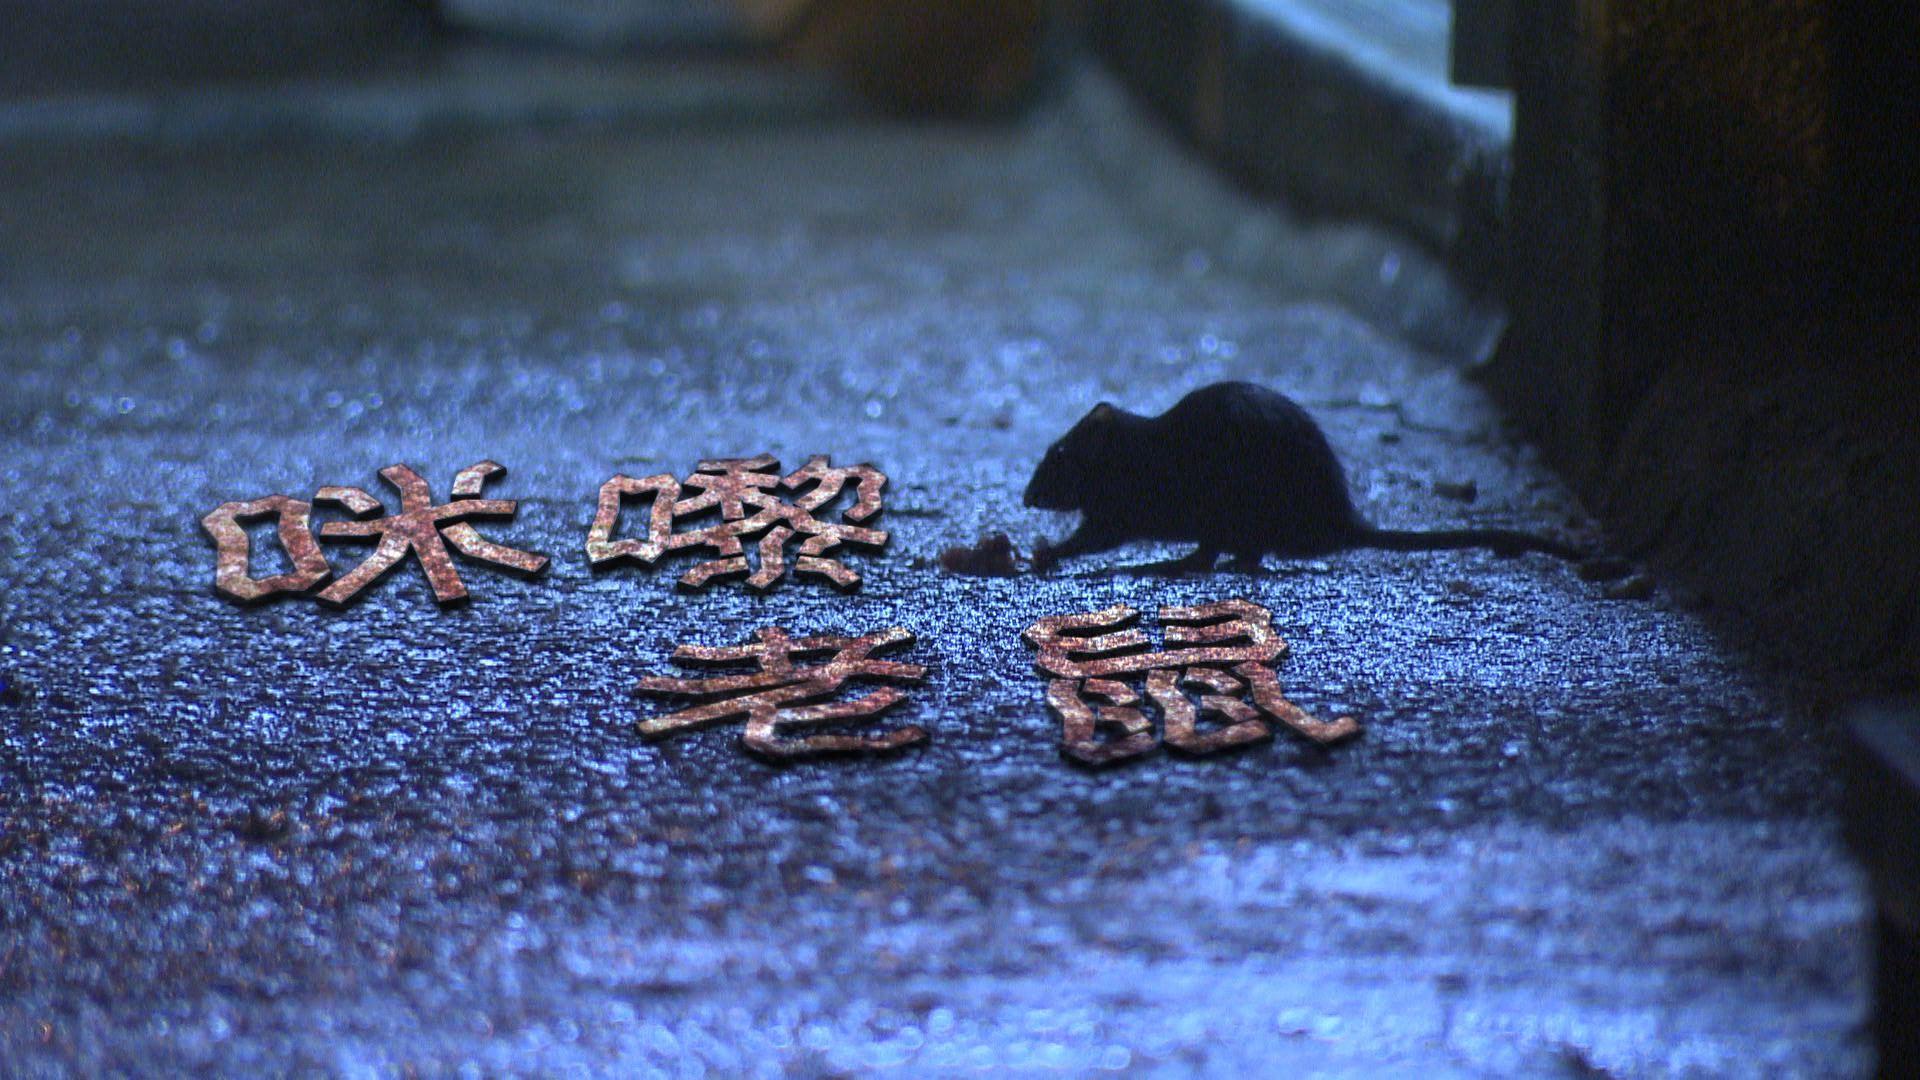 【經緯線】咪嚟老鼠(一)